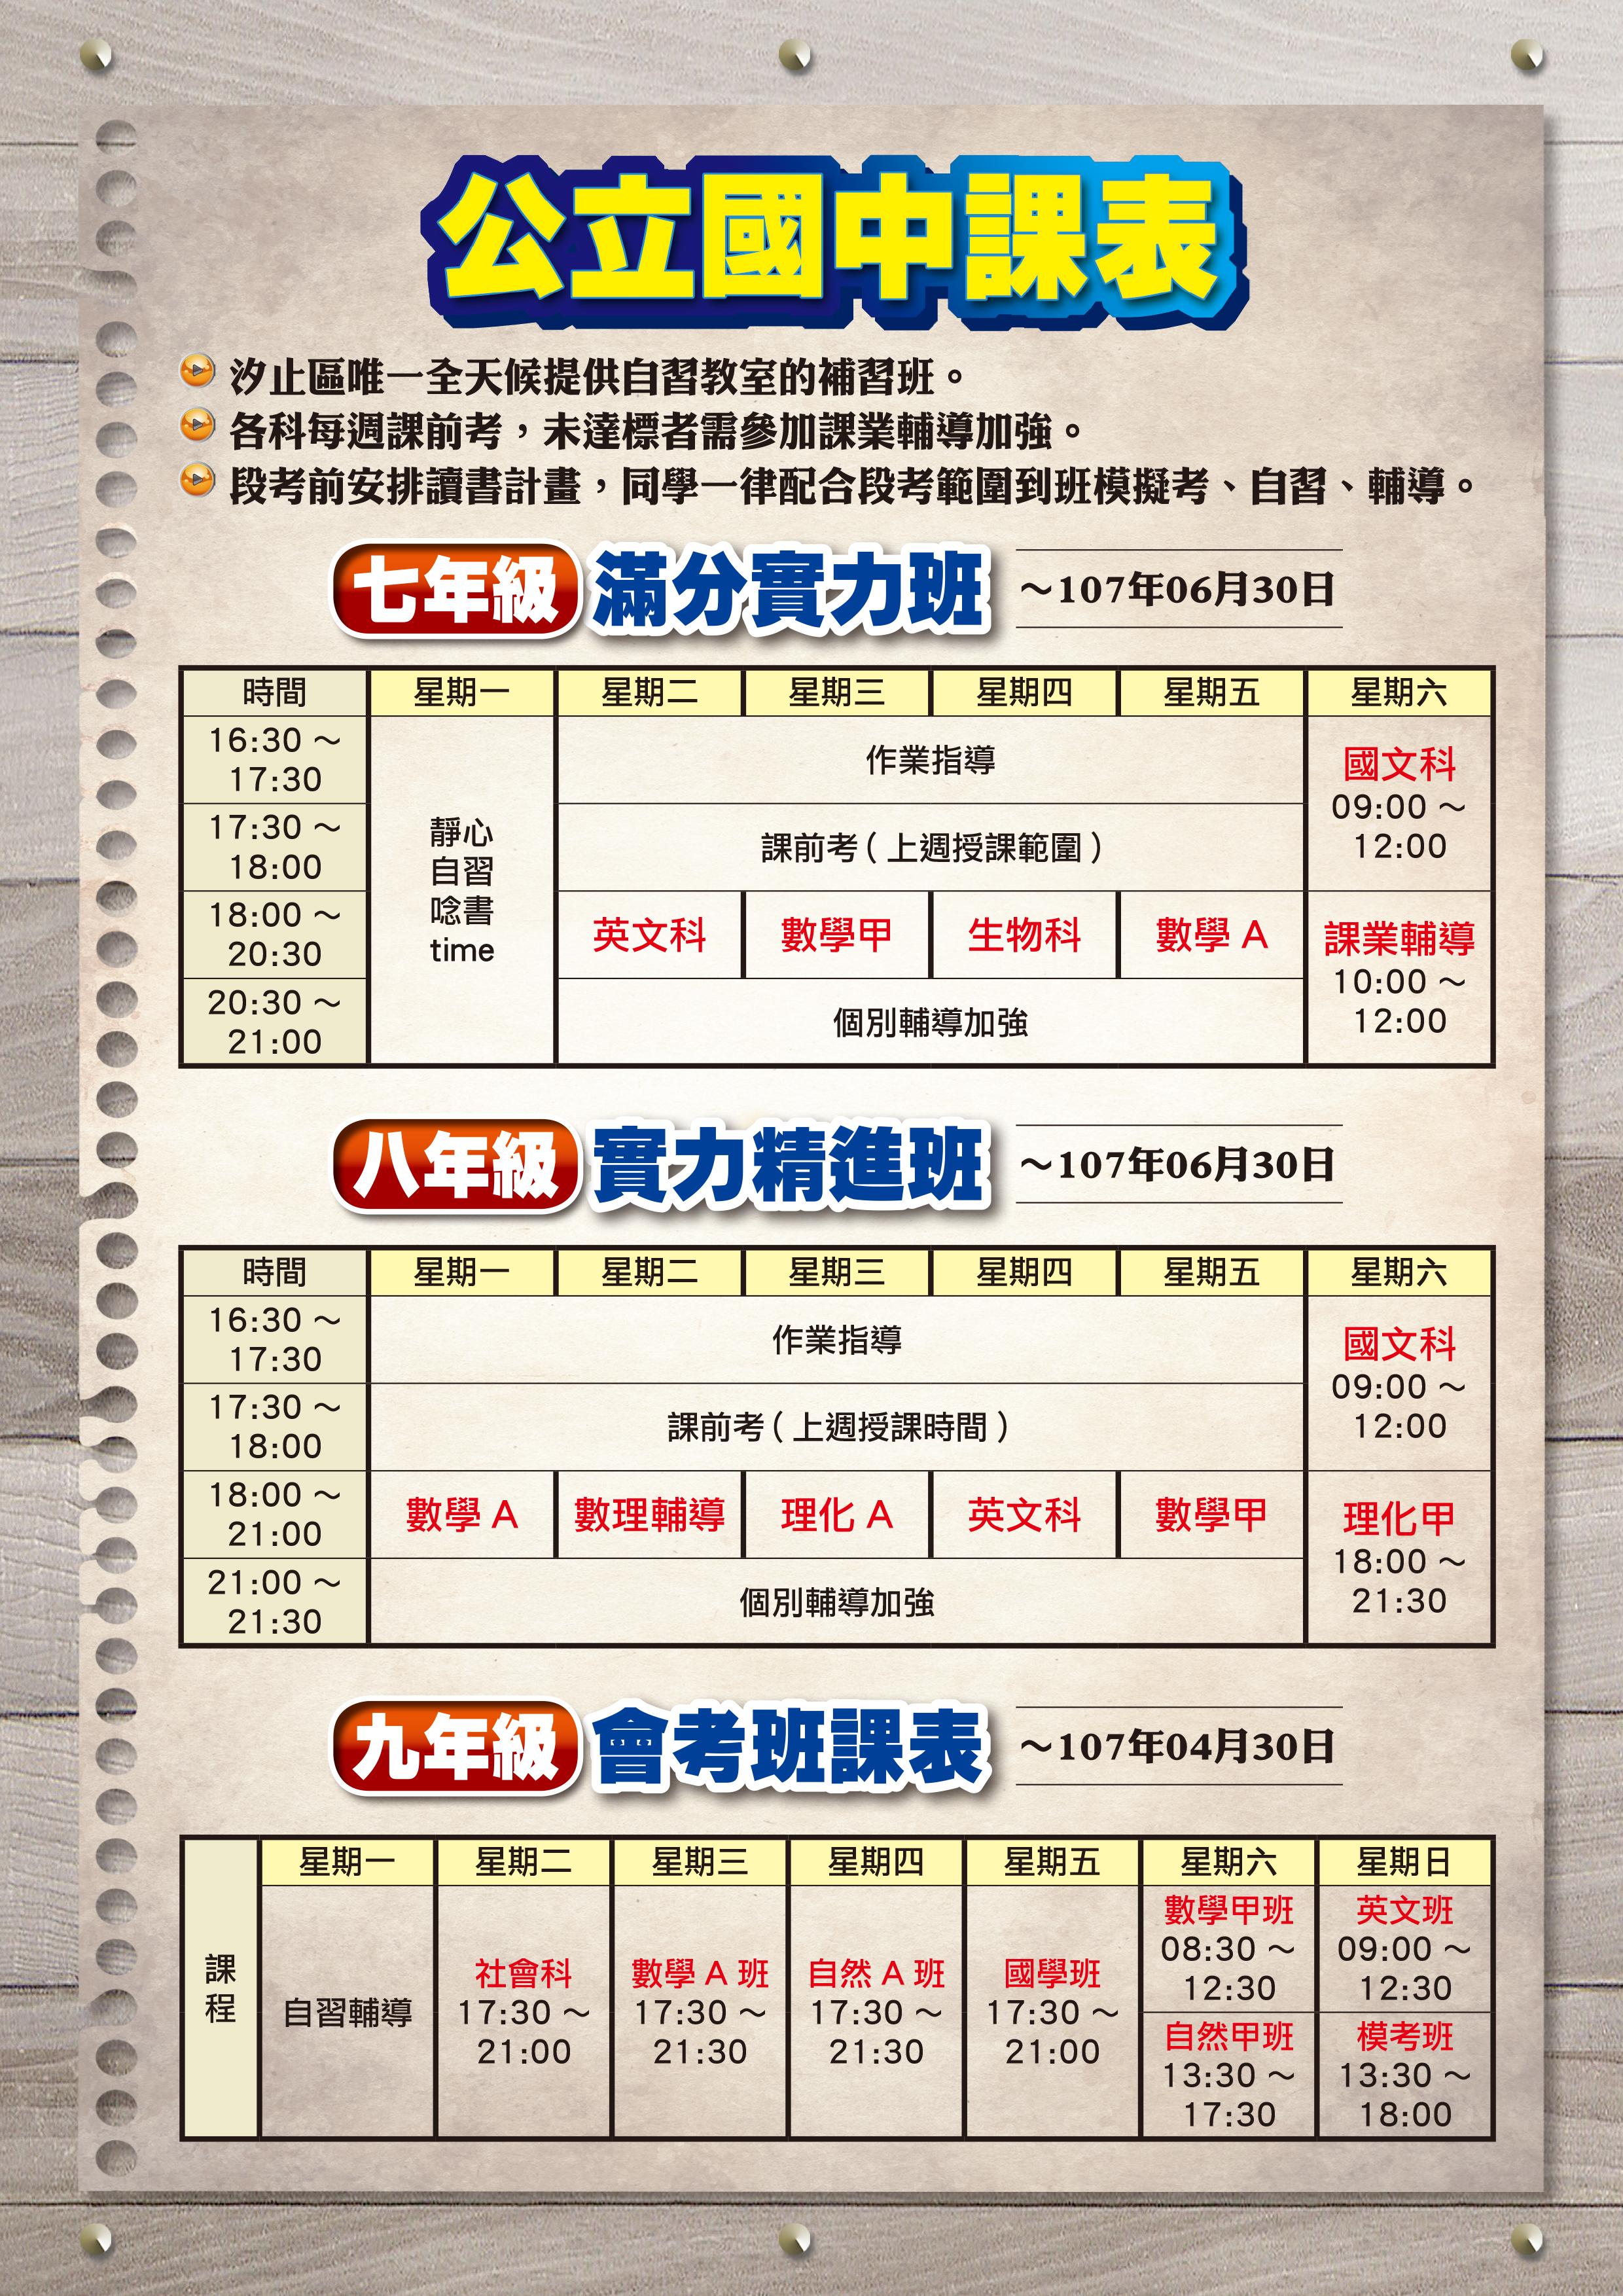 106 12 27 名昇國中部寒假DM 菊3K背面-2.jpg